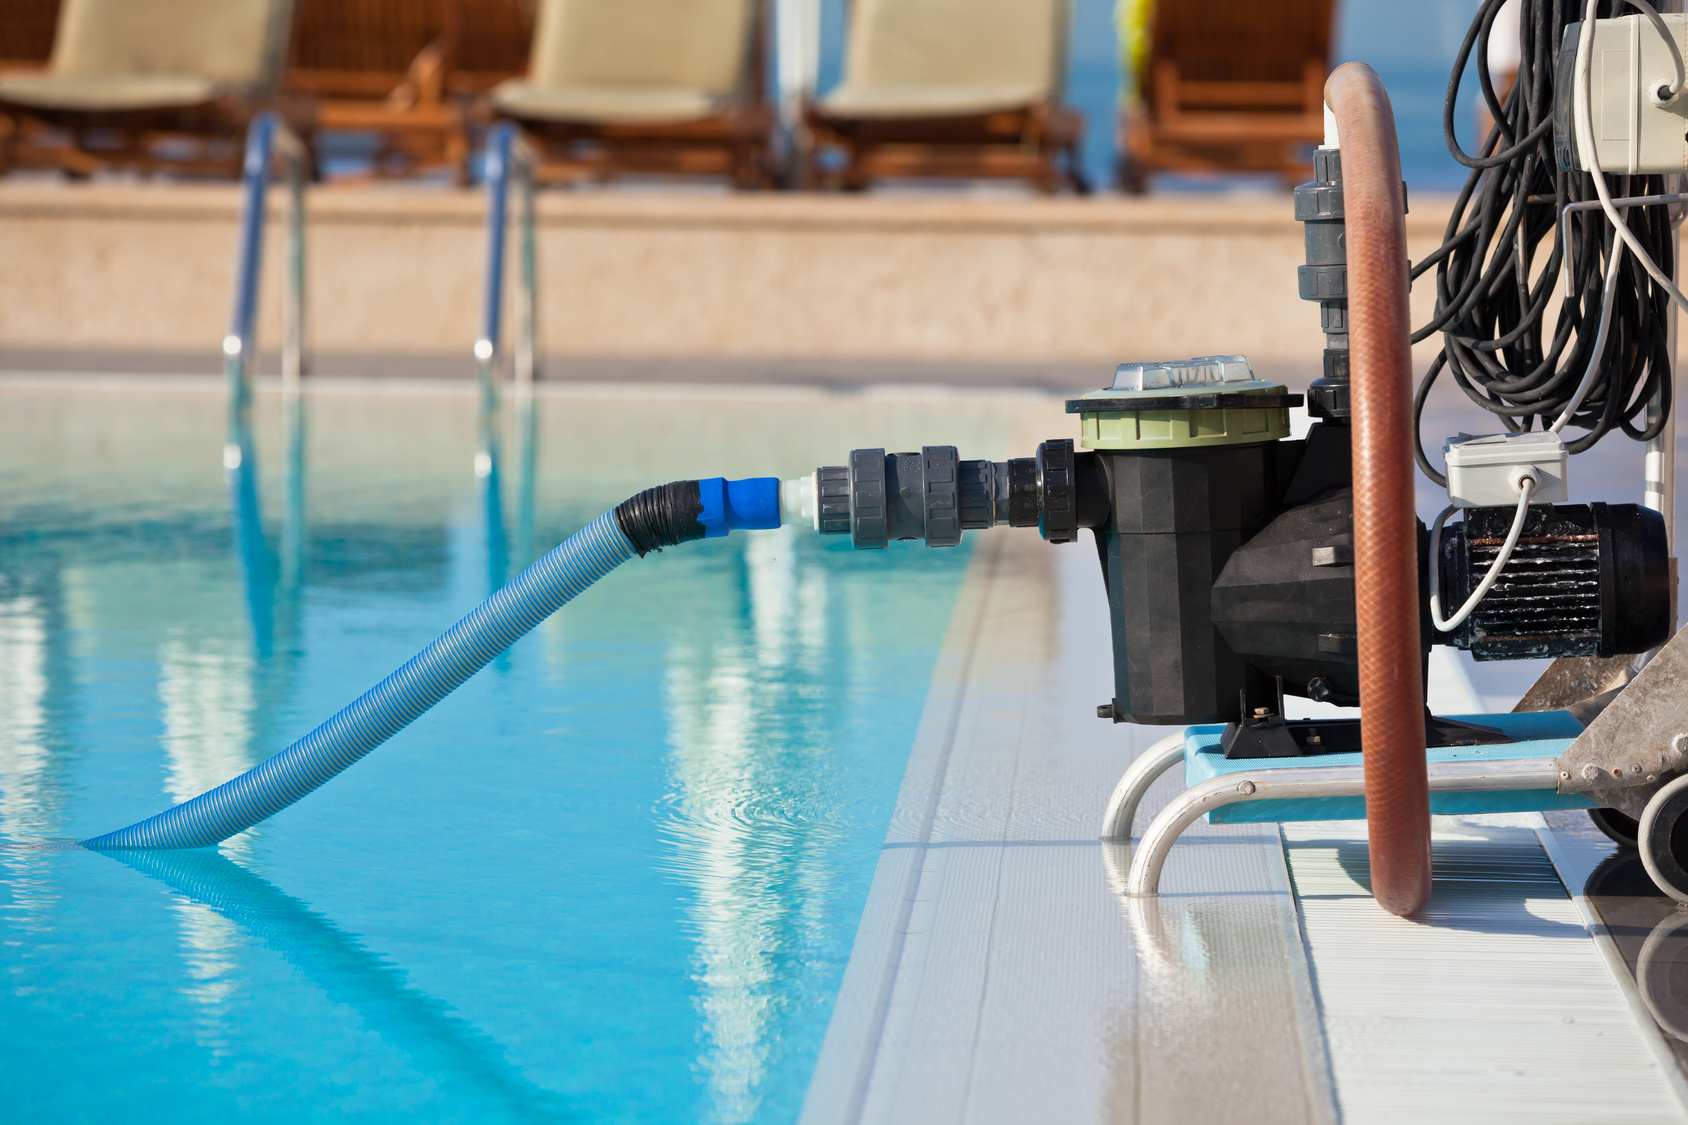 Piscina de agua verde filtro de agua construcci n reforma y mantenimiento de piscinas en madrid - Agua de piscina verde ...